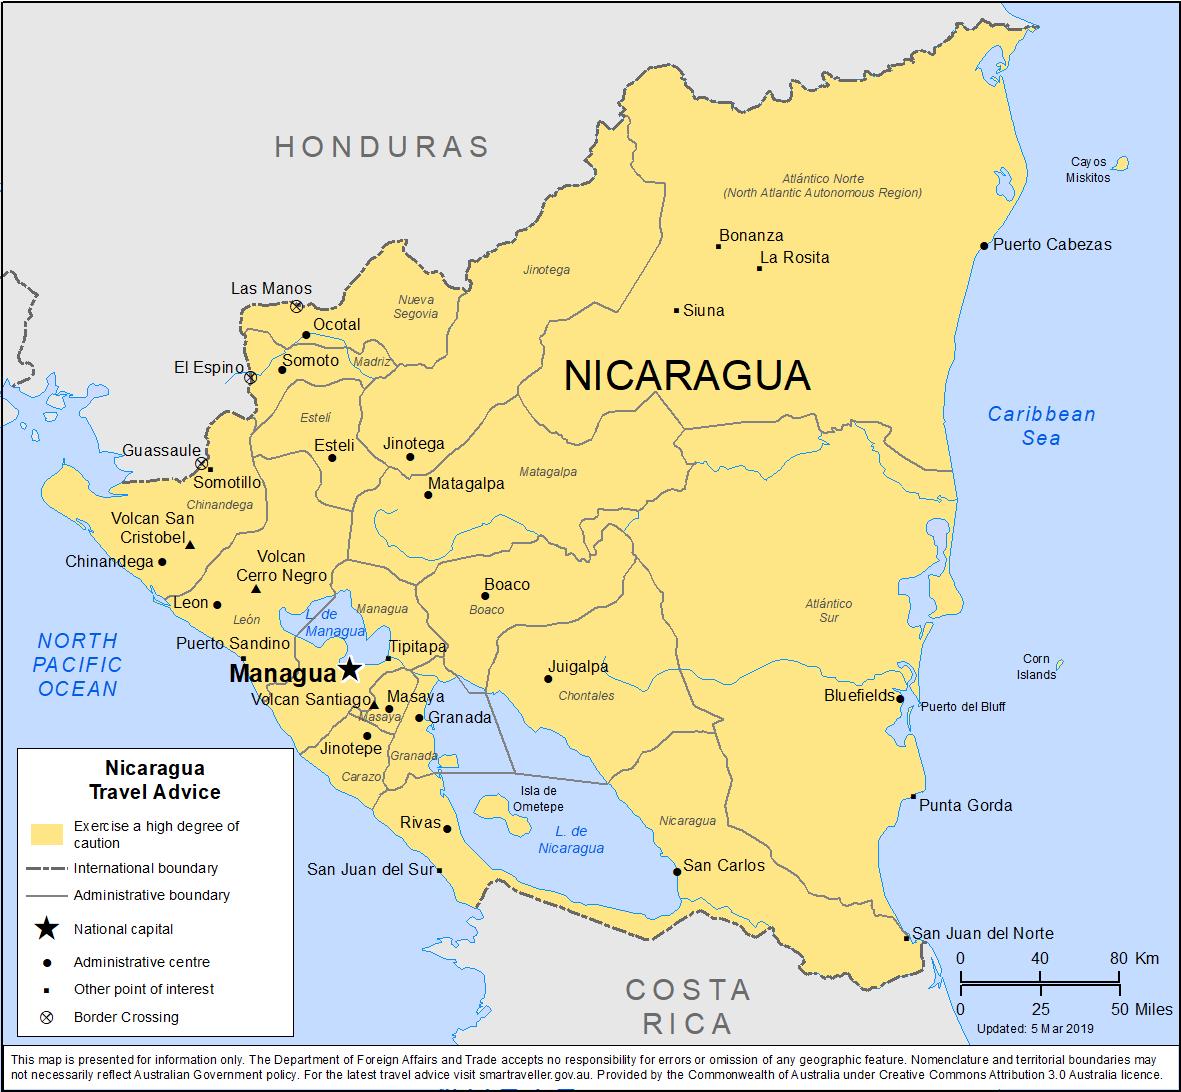 Nicaragua-Travel-Insurance | AardvarkCompare.com